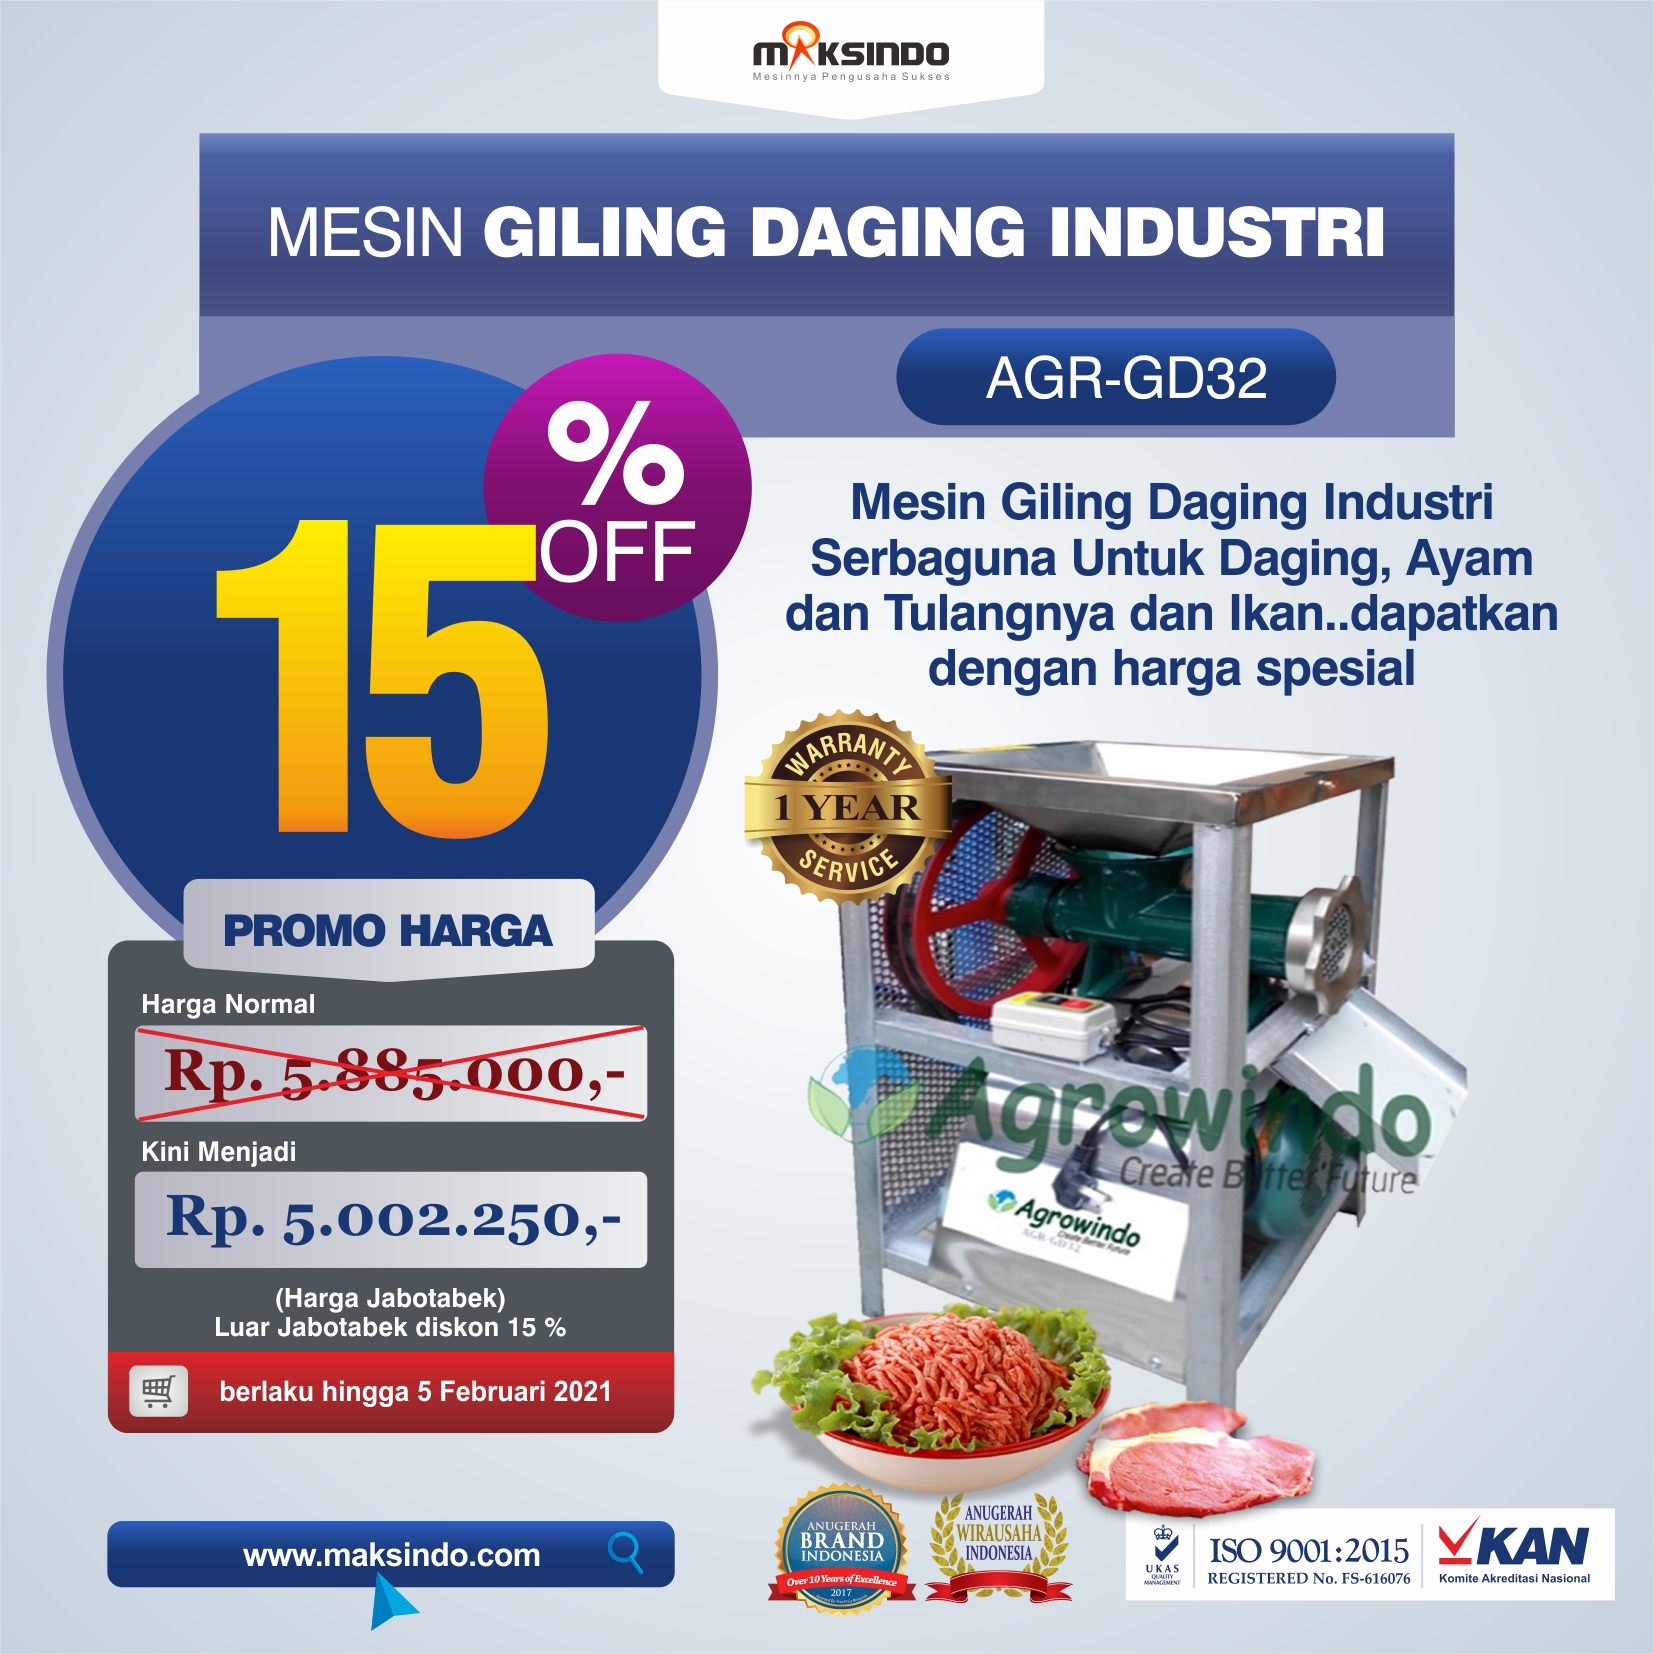 Jual Mesin Giling Daging Industri (AGR-GD32) di Tangerang